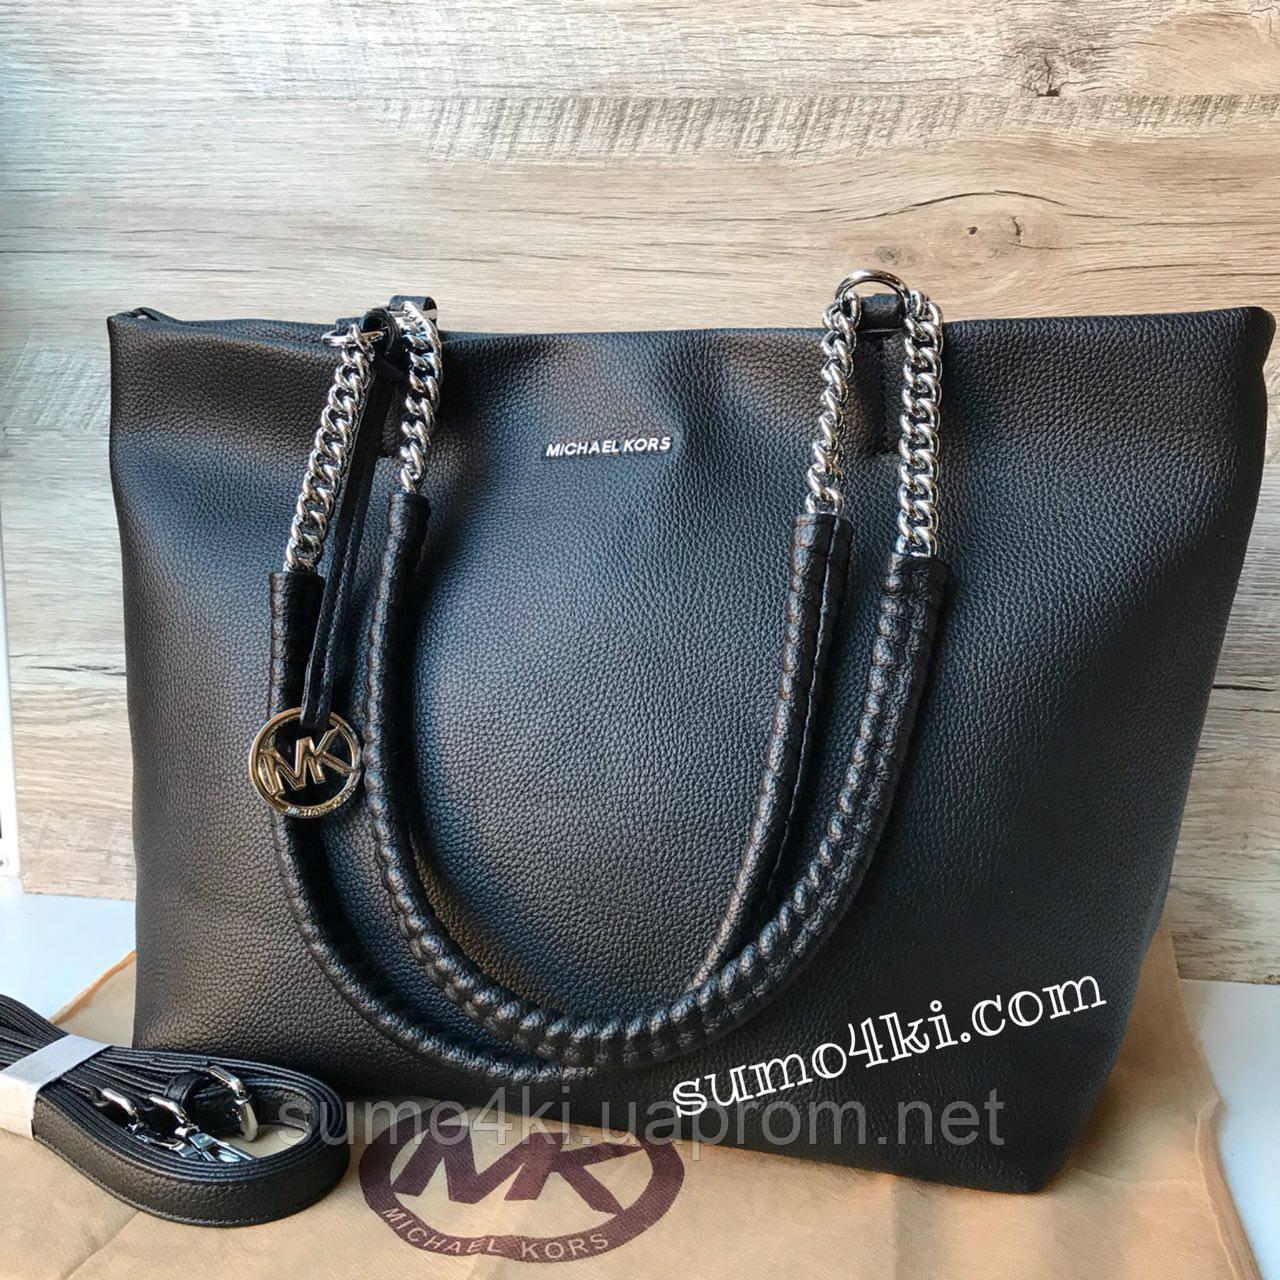 48931c7d986f Купить Женскую сумку Michael Kors Майкла Корс оптом и в розницу в ...